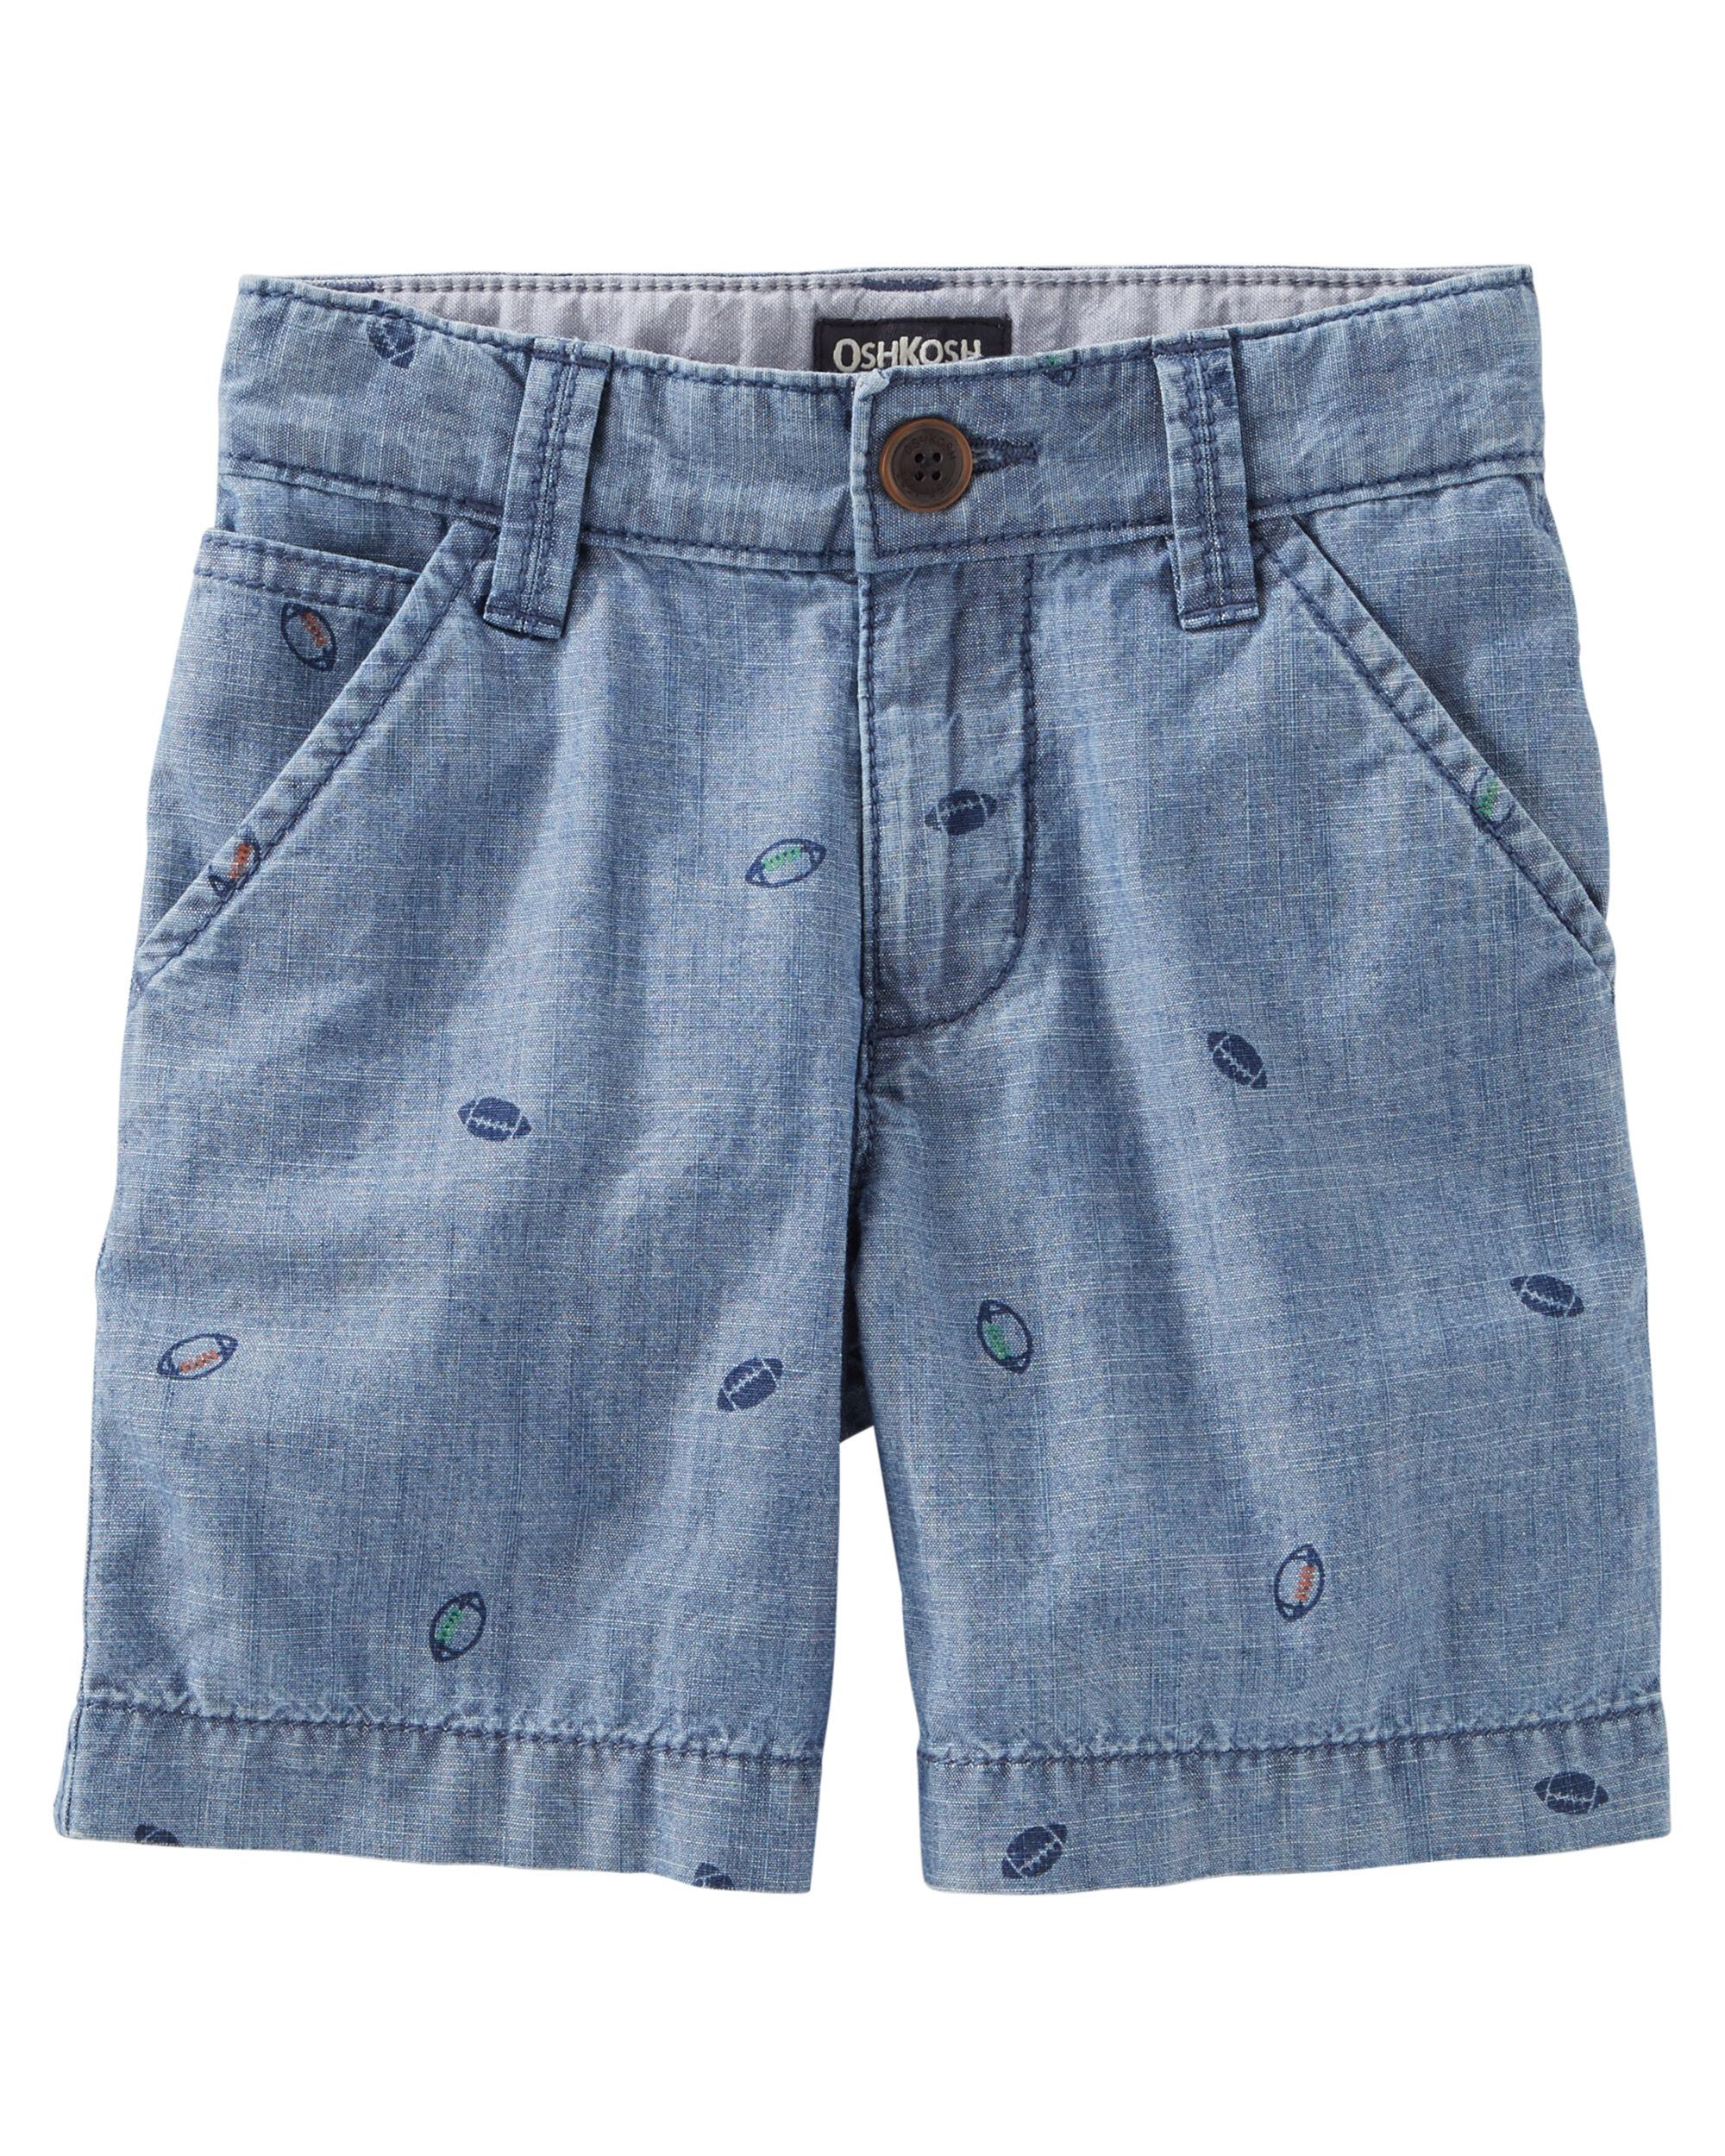 Football Print Chambray Flat-Front Shorts